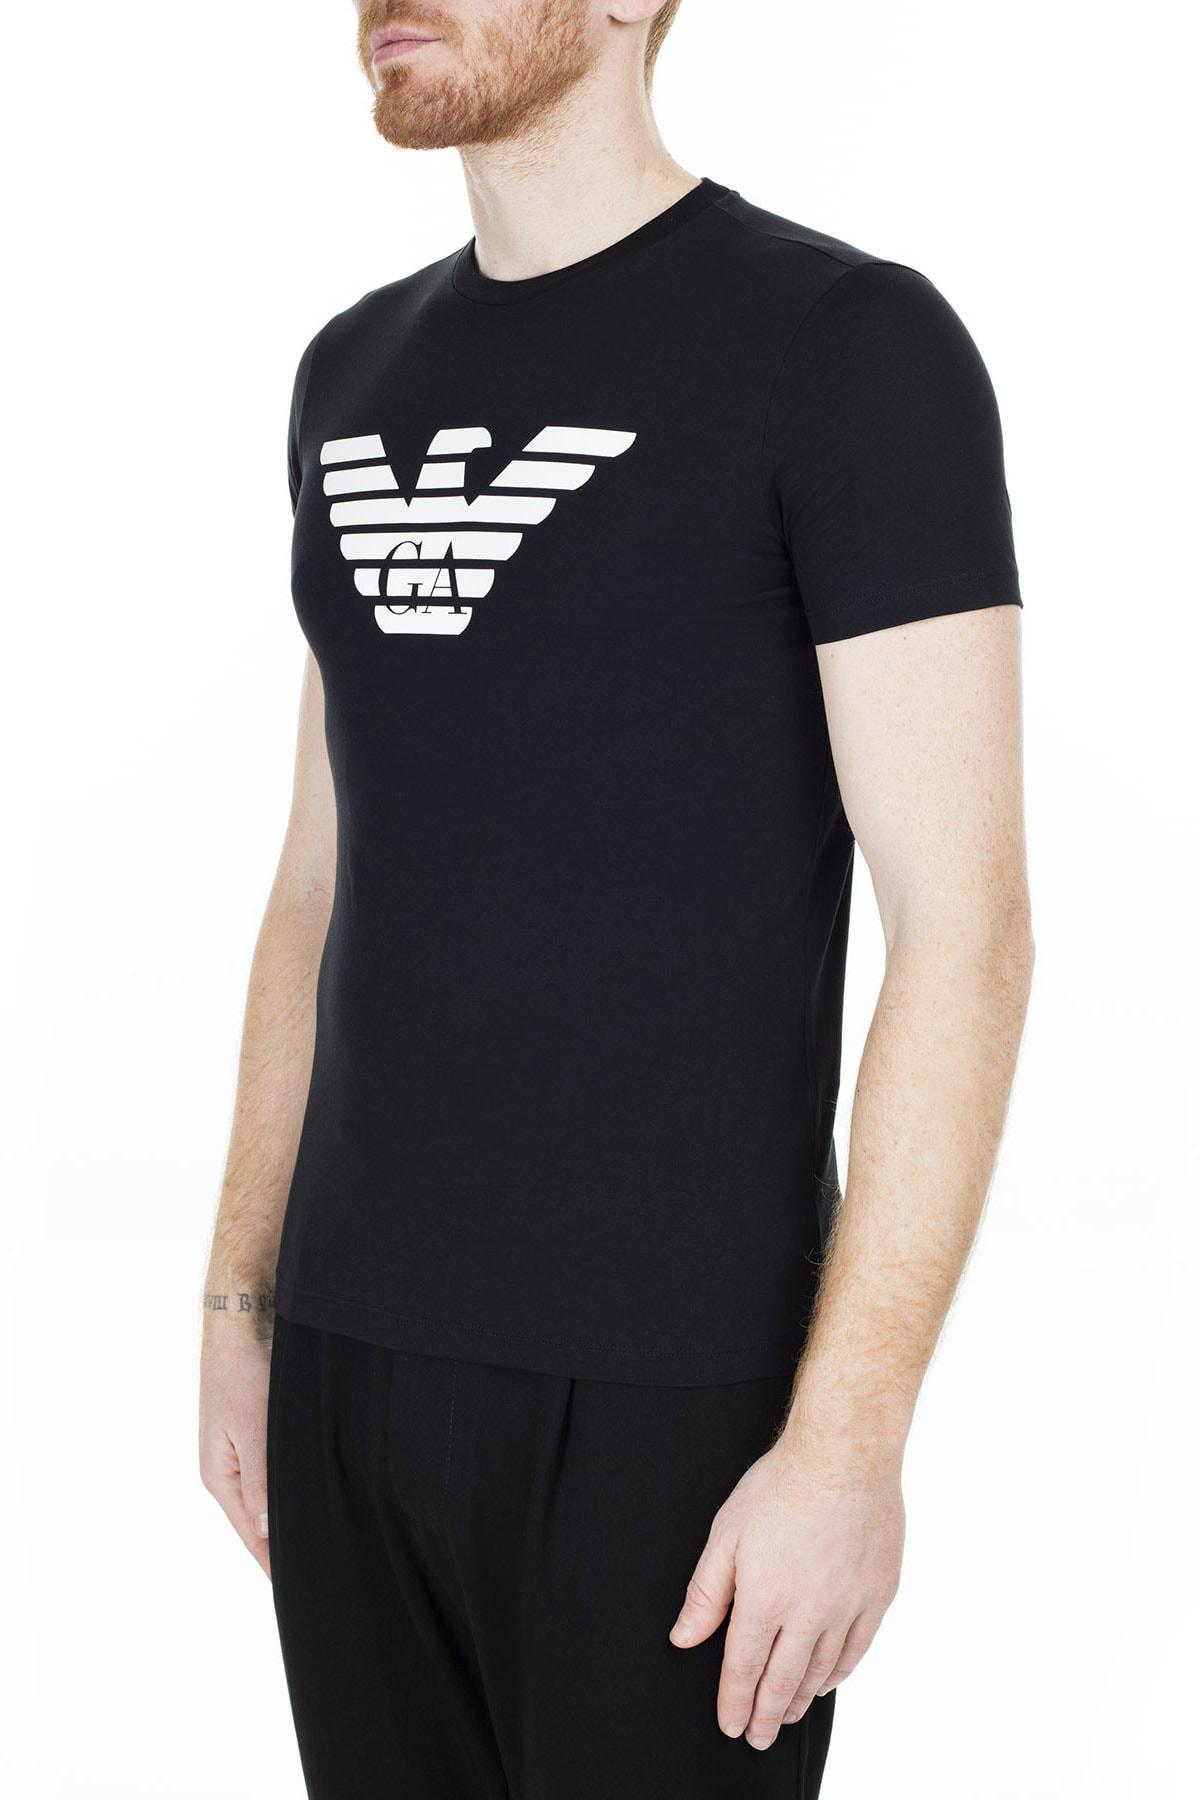 Emporio Armani Siyah Erkek T-Shirt 8N1T99 1JNQZ 0999 2